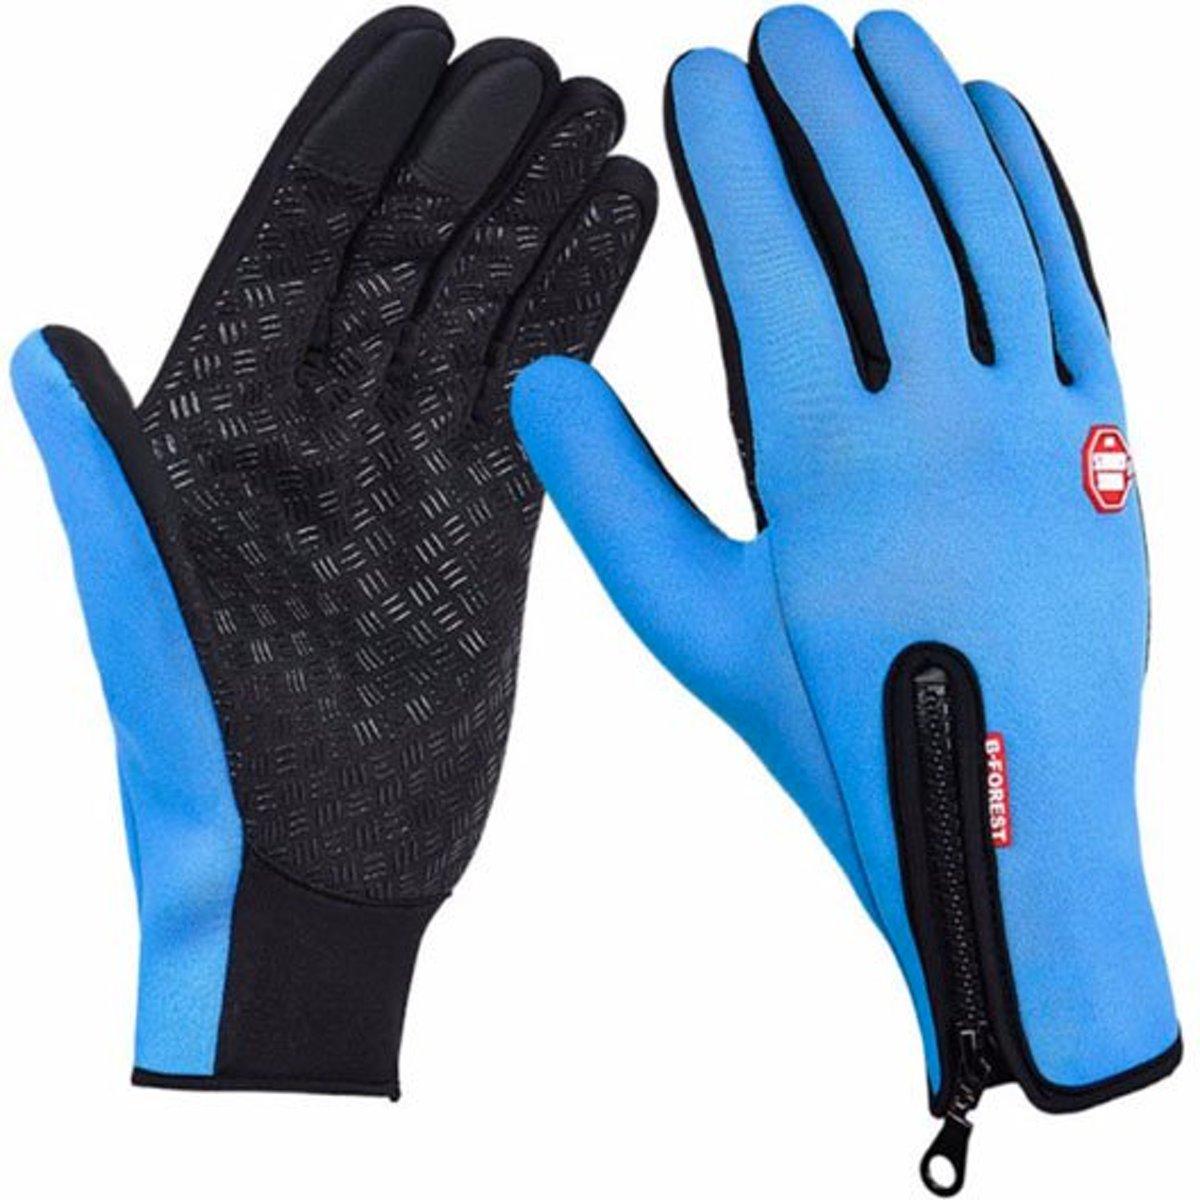 Winter handschoenen- Fietshandschoenen - Winddicht - Waterproof - Maat M - Blauw kopen